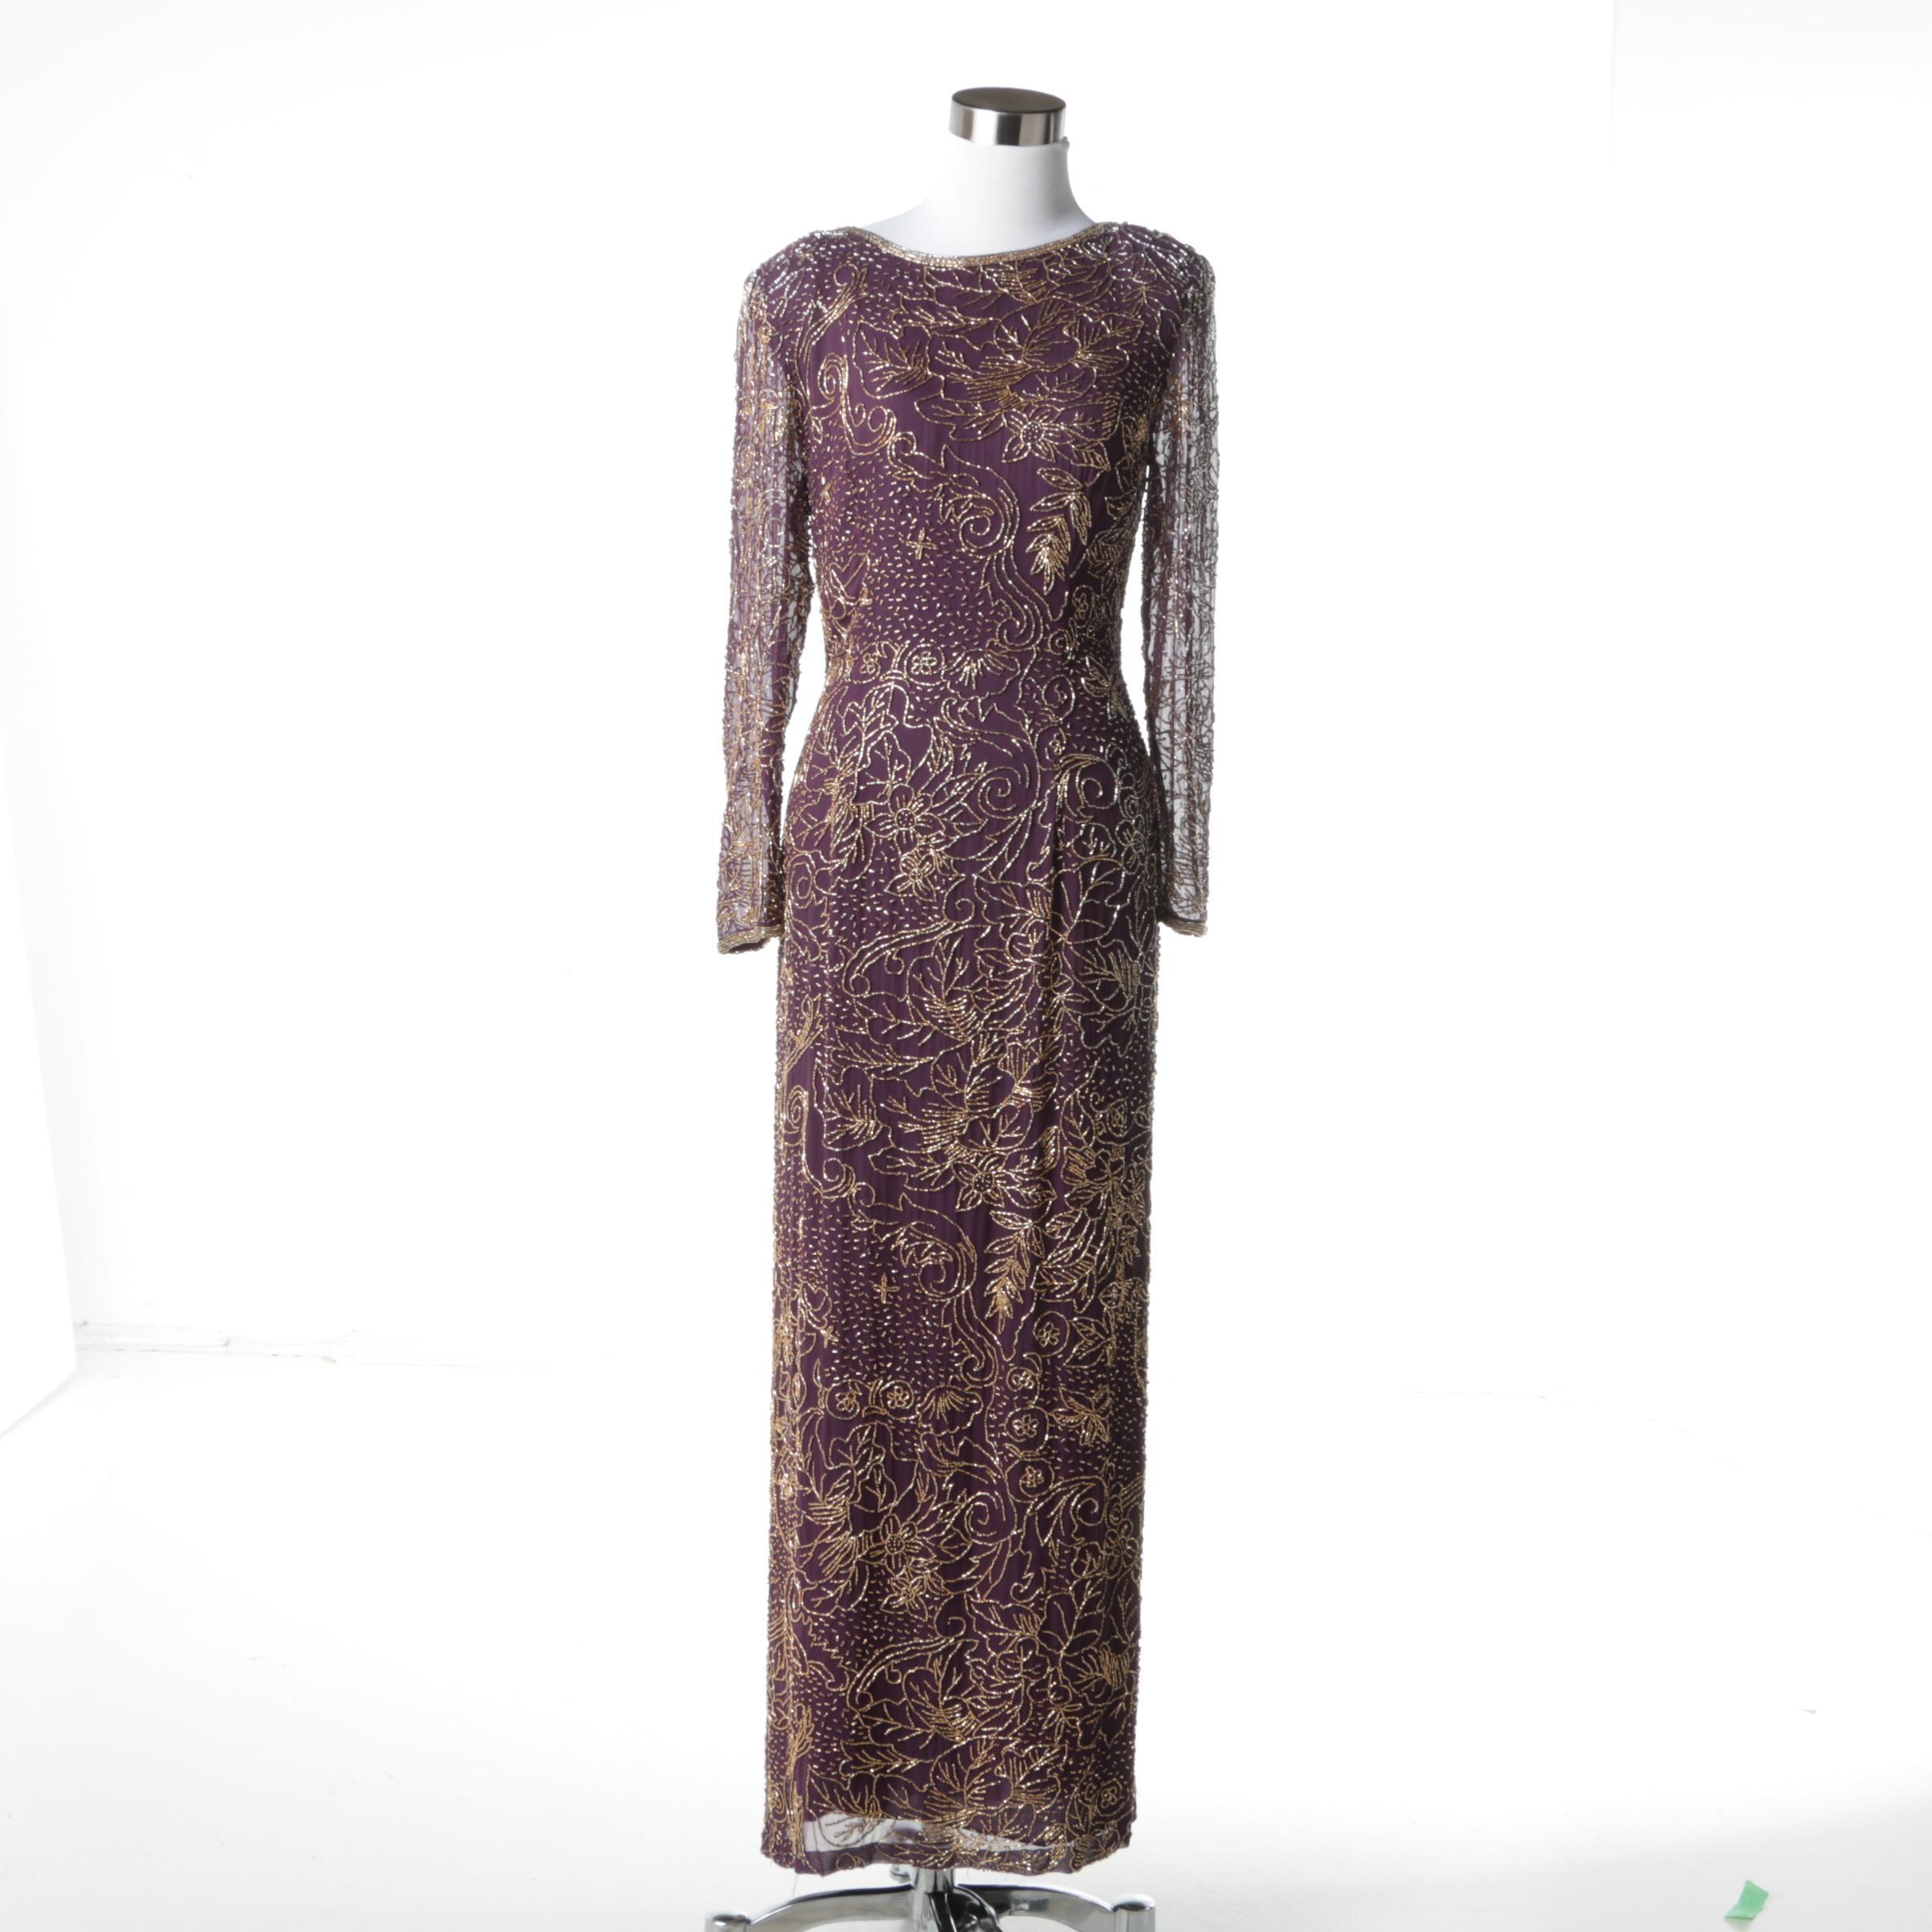 Oleg Cassini Vintage Dresses